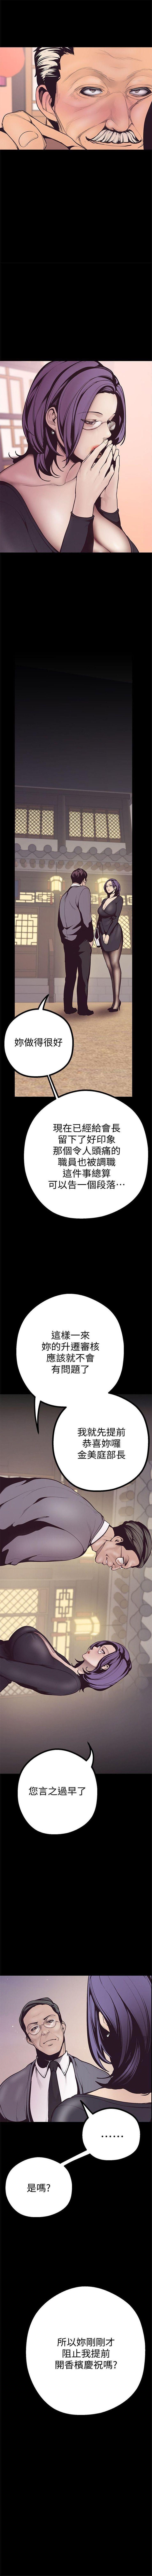 (週1)美麗新世界 1-70 中文翻譯 (更新中) 53